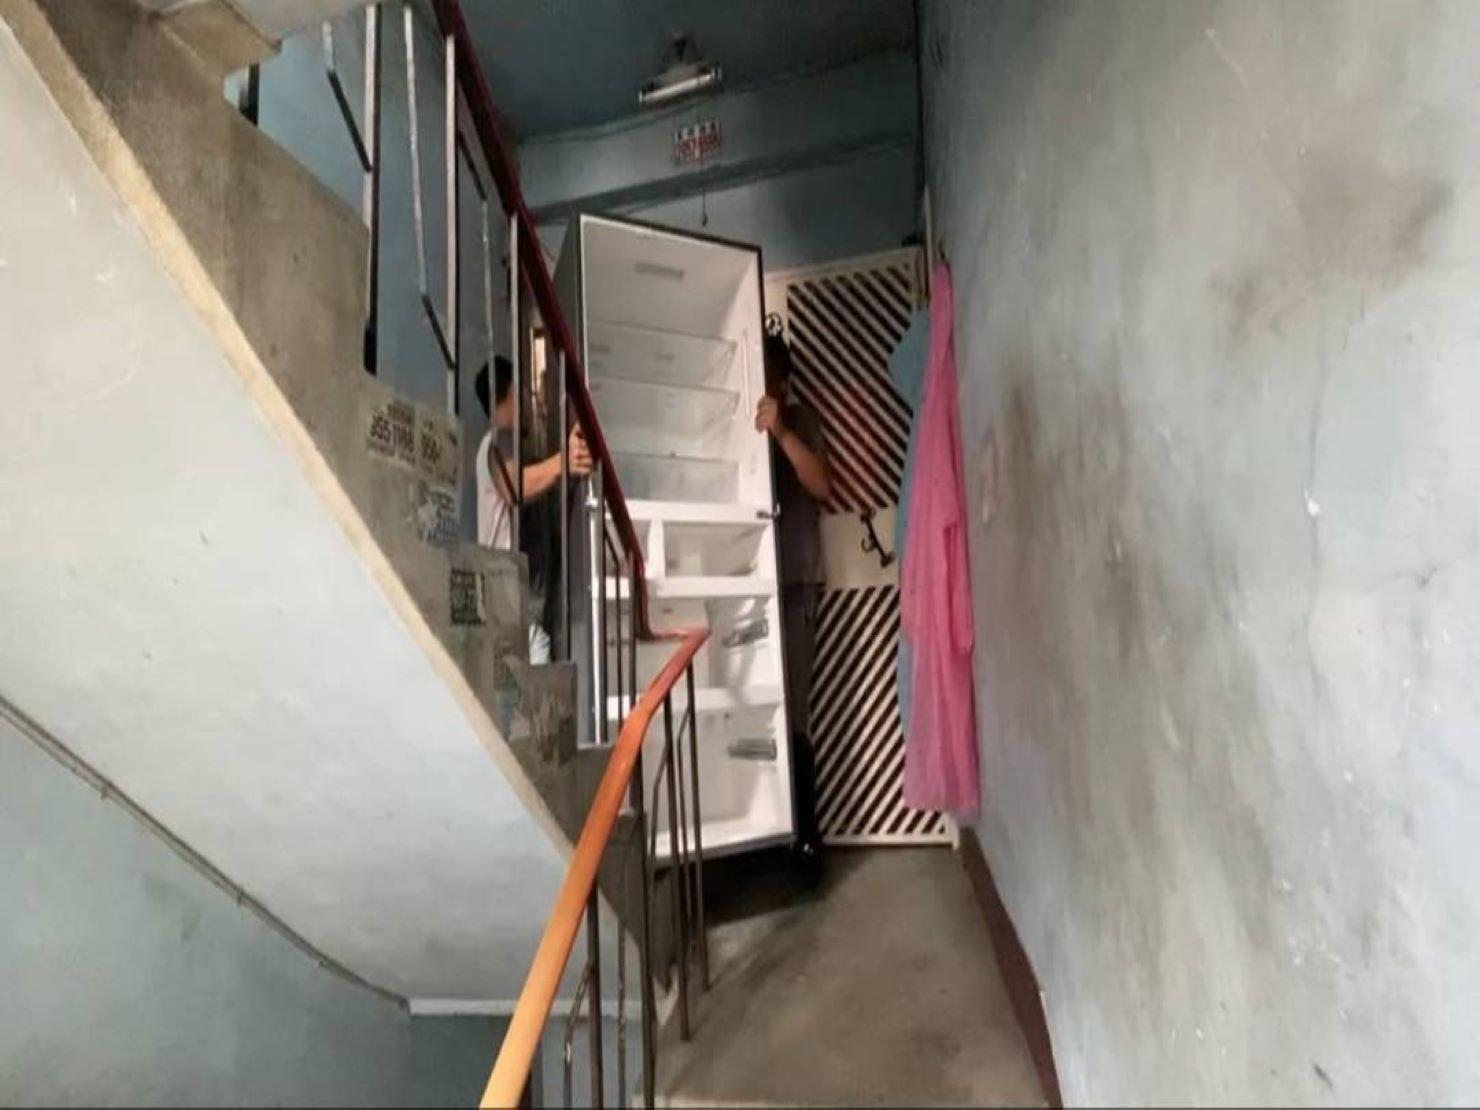 精搬大冰箱【榮福搬家公司】搬冰箱、搬家首選、搬家公司推薦:優質搬家,包裝搬運「細膩包裝、專業搬運、用心服務、以客為尊」是榮福搬家公司的宗旨與精神。歡迎立即來電02-2651-2727專人服務。系統式家具拆裝找專業的榮福搬家就對了。